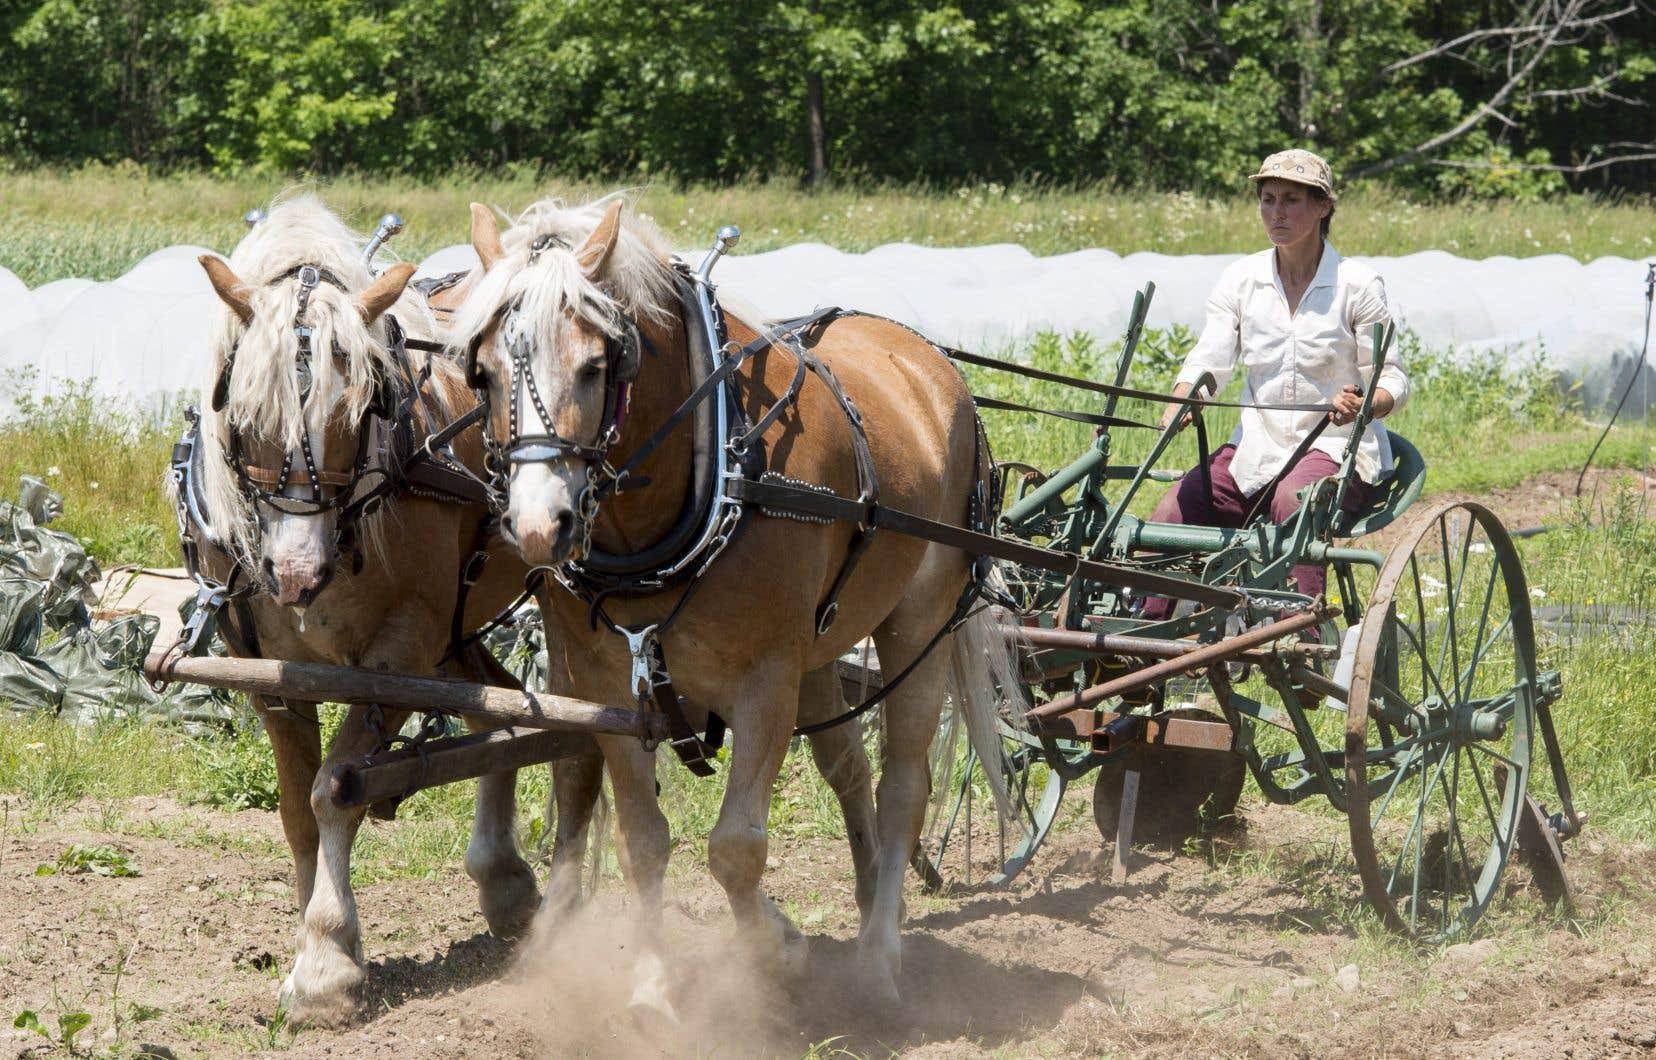 En fouillant les petites annonces, Mylaine Massicotte a dénichéJack et Alfie, deux petits et robustes chevaux Haflinger à la robe alezan et à la crinière blonde.